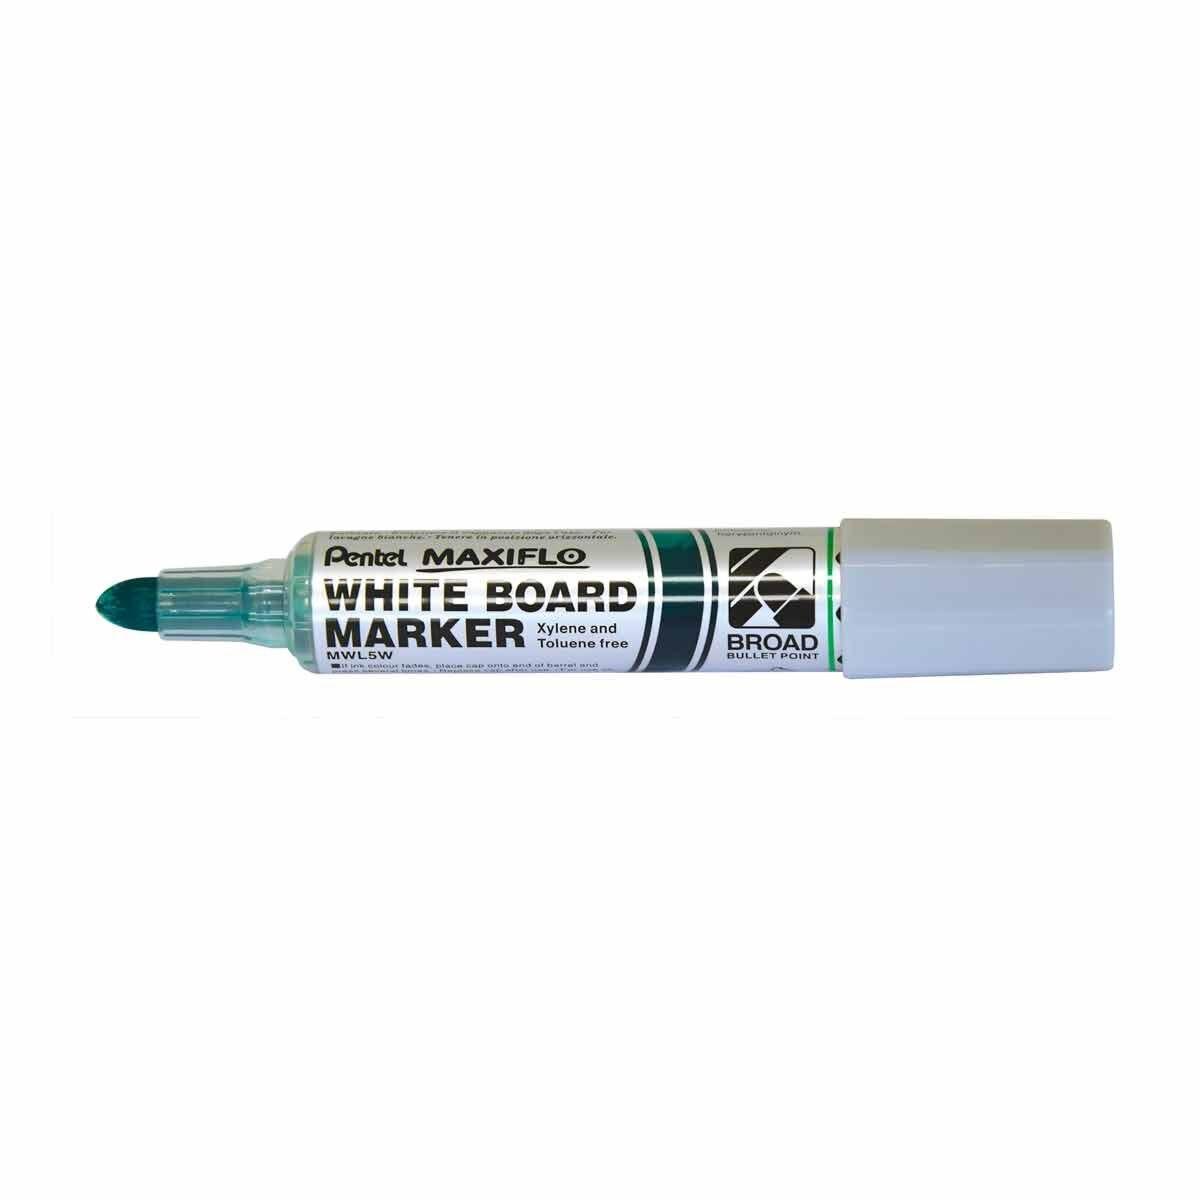 Pentel Maxiflo Whiteboard Marker Green